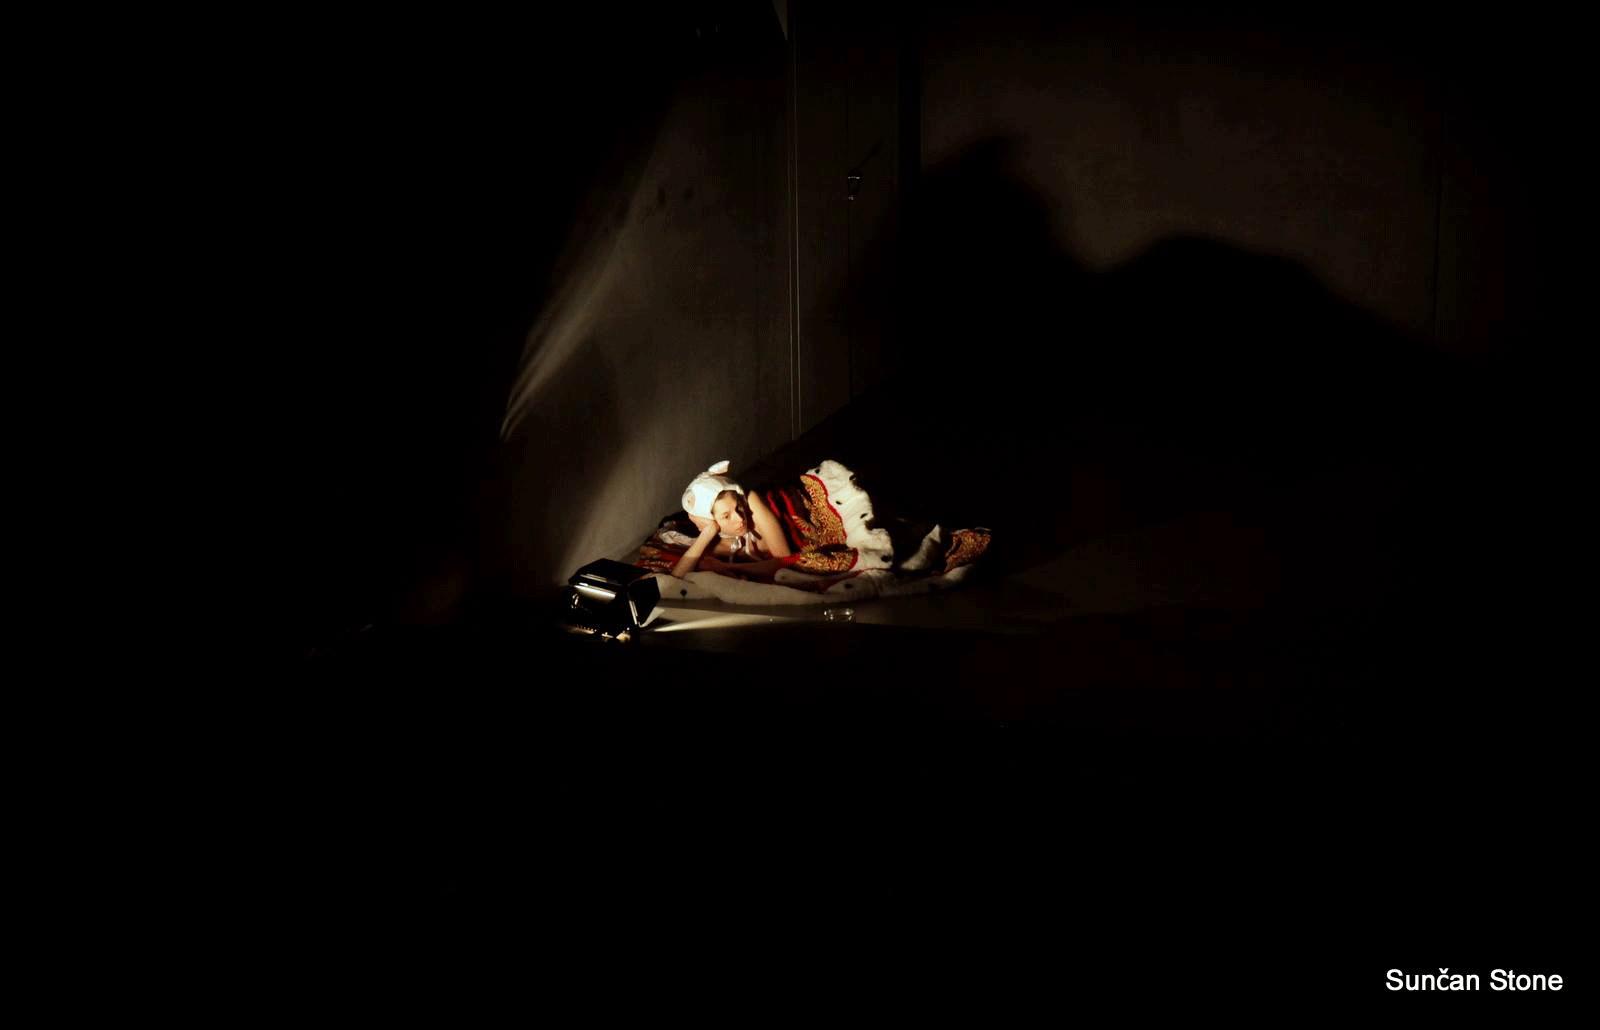 perf_nightlife_moderna_S_Anjacat-lying-cot-in-dark-large_2015.png